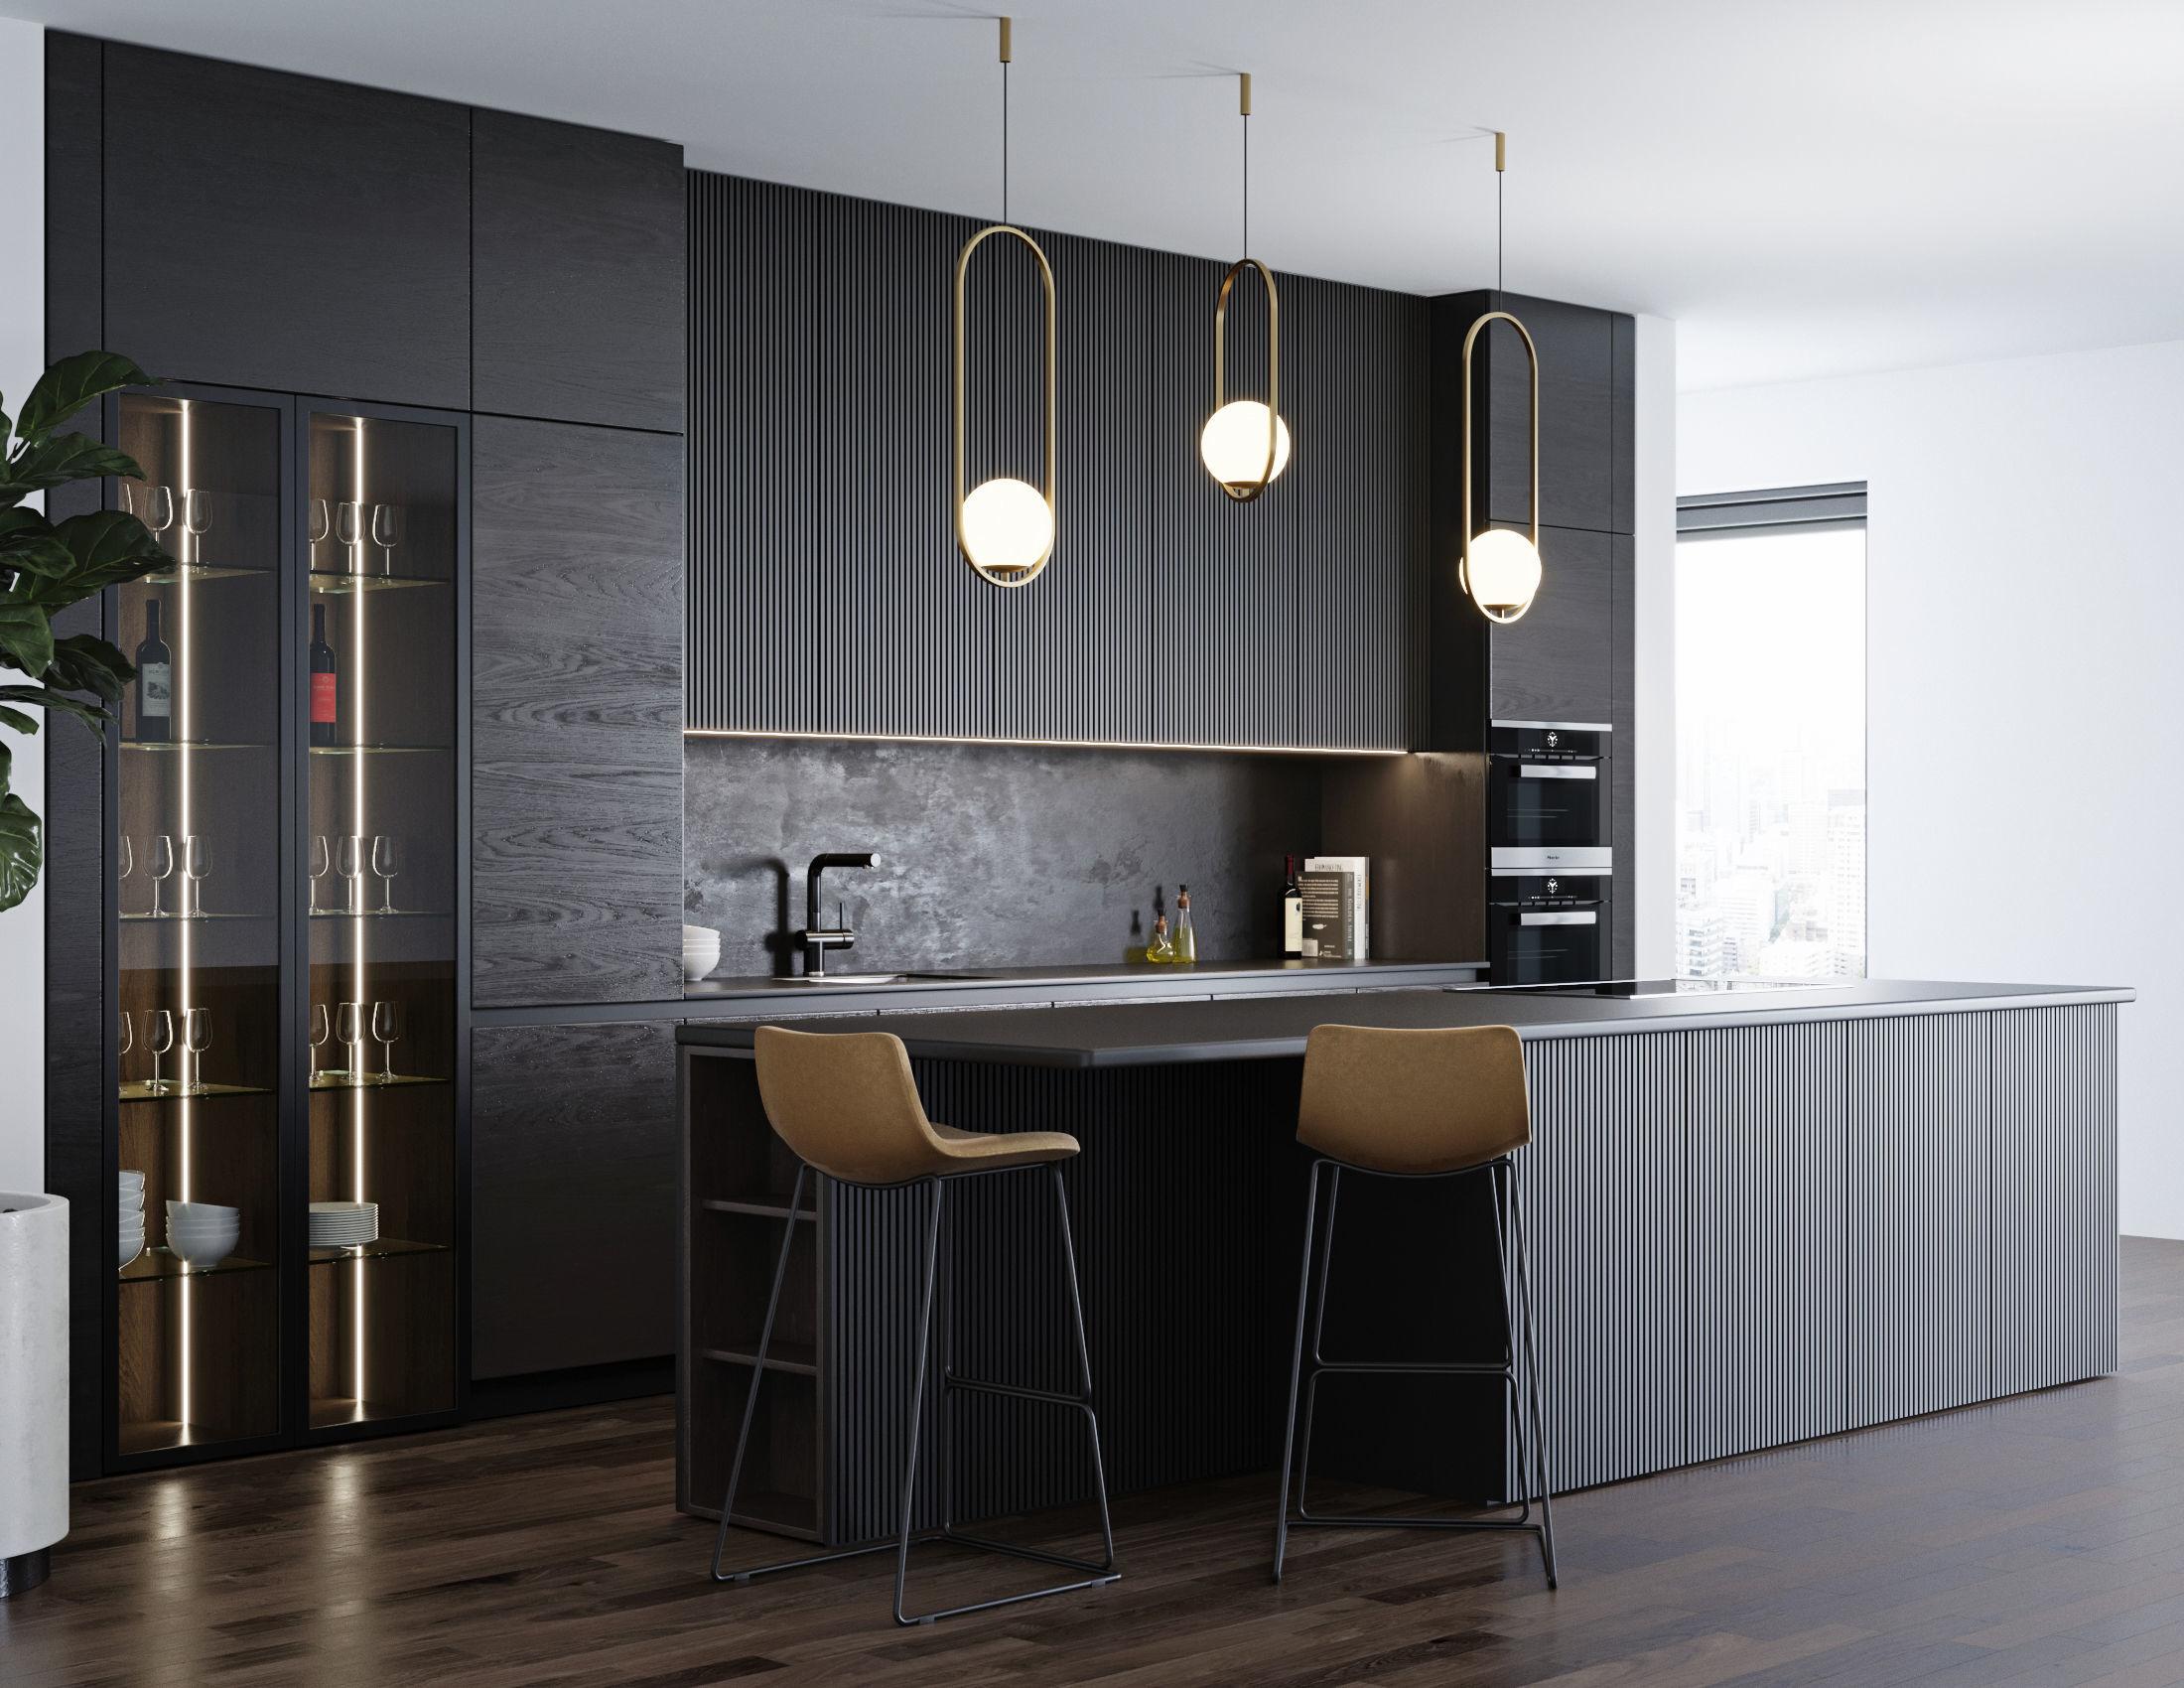 Black modern kitchen 3D | CGTrader on Model Kitchen  id=54741